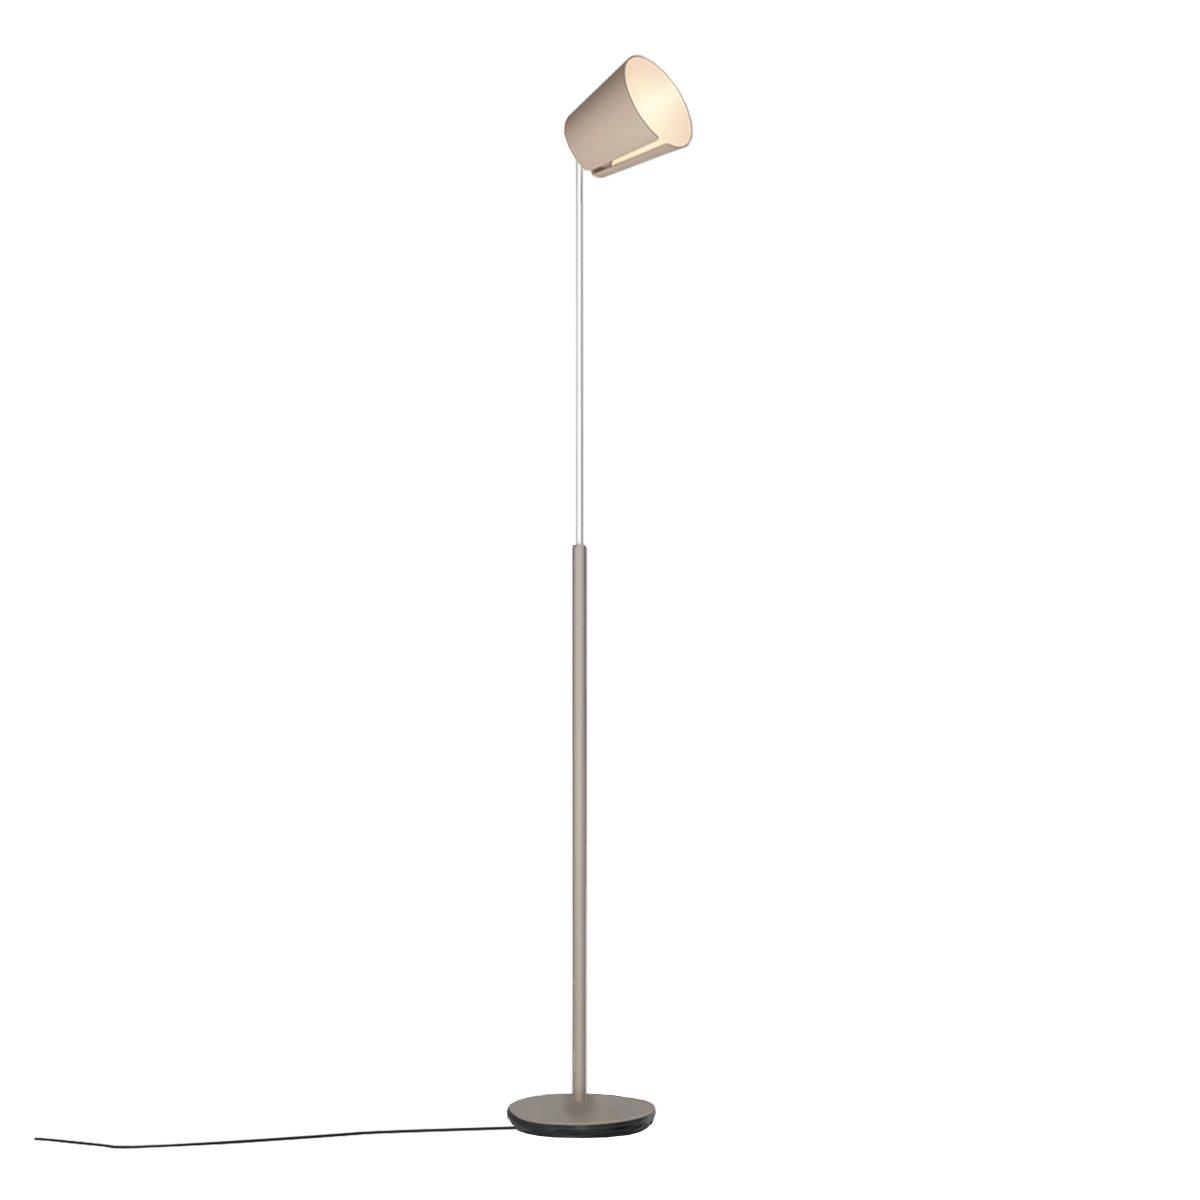 Baltensweiler FEZ DTW Vloerlamp Small - Brons